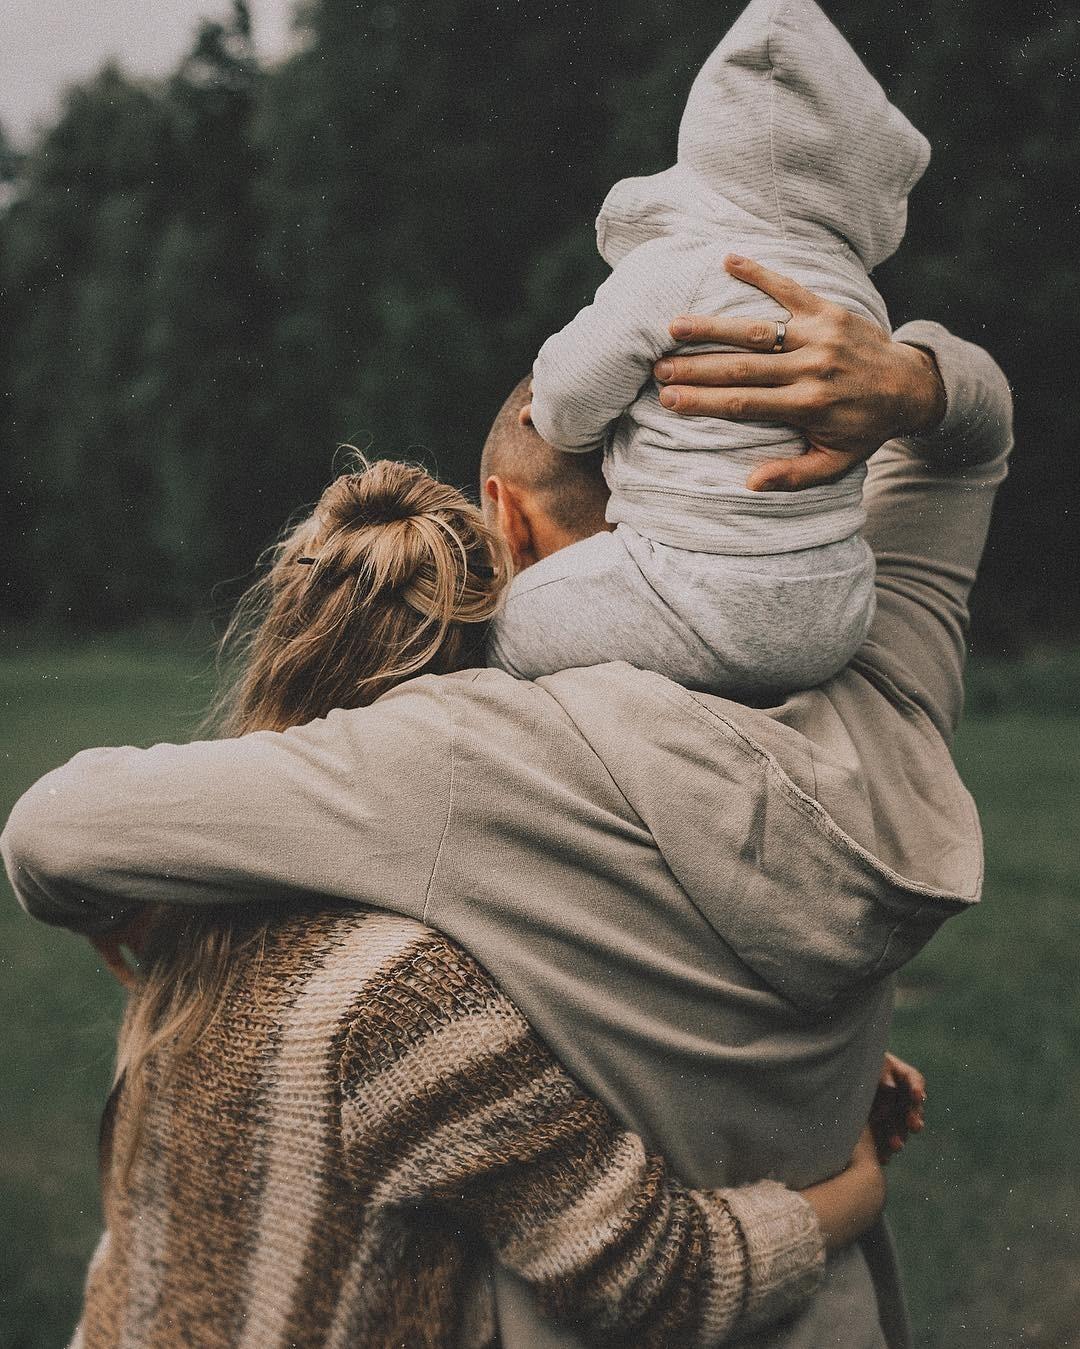 Терпеливые Весы сами всегда ищут долгосрочные отношениях. Дляних они важны как воздух. Ведь дляних ничто так неважно, как баланс игармония всех сторон жизни. Весы терпеливы исобраны,...